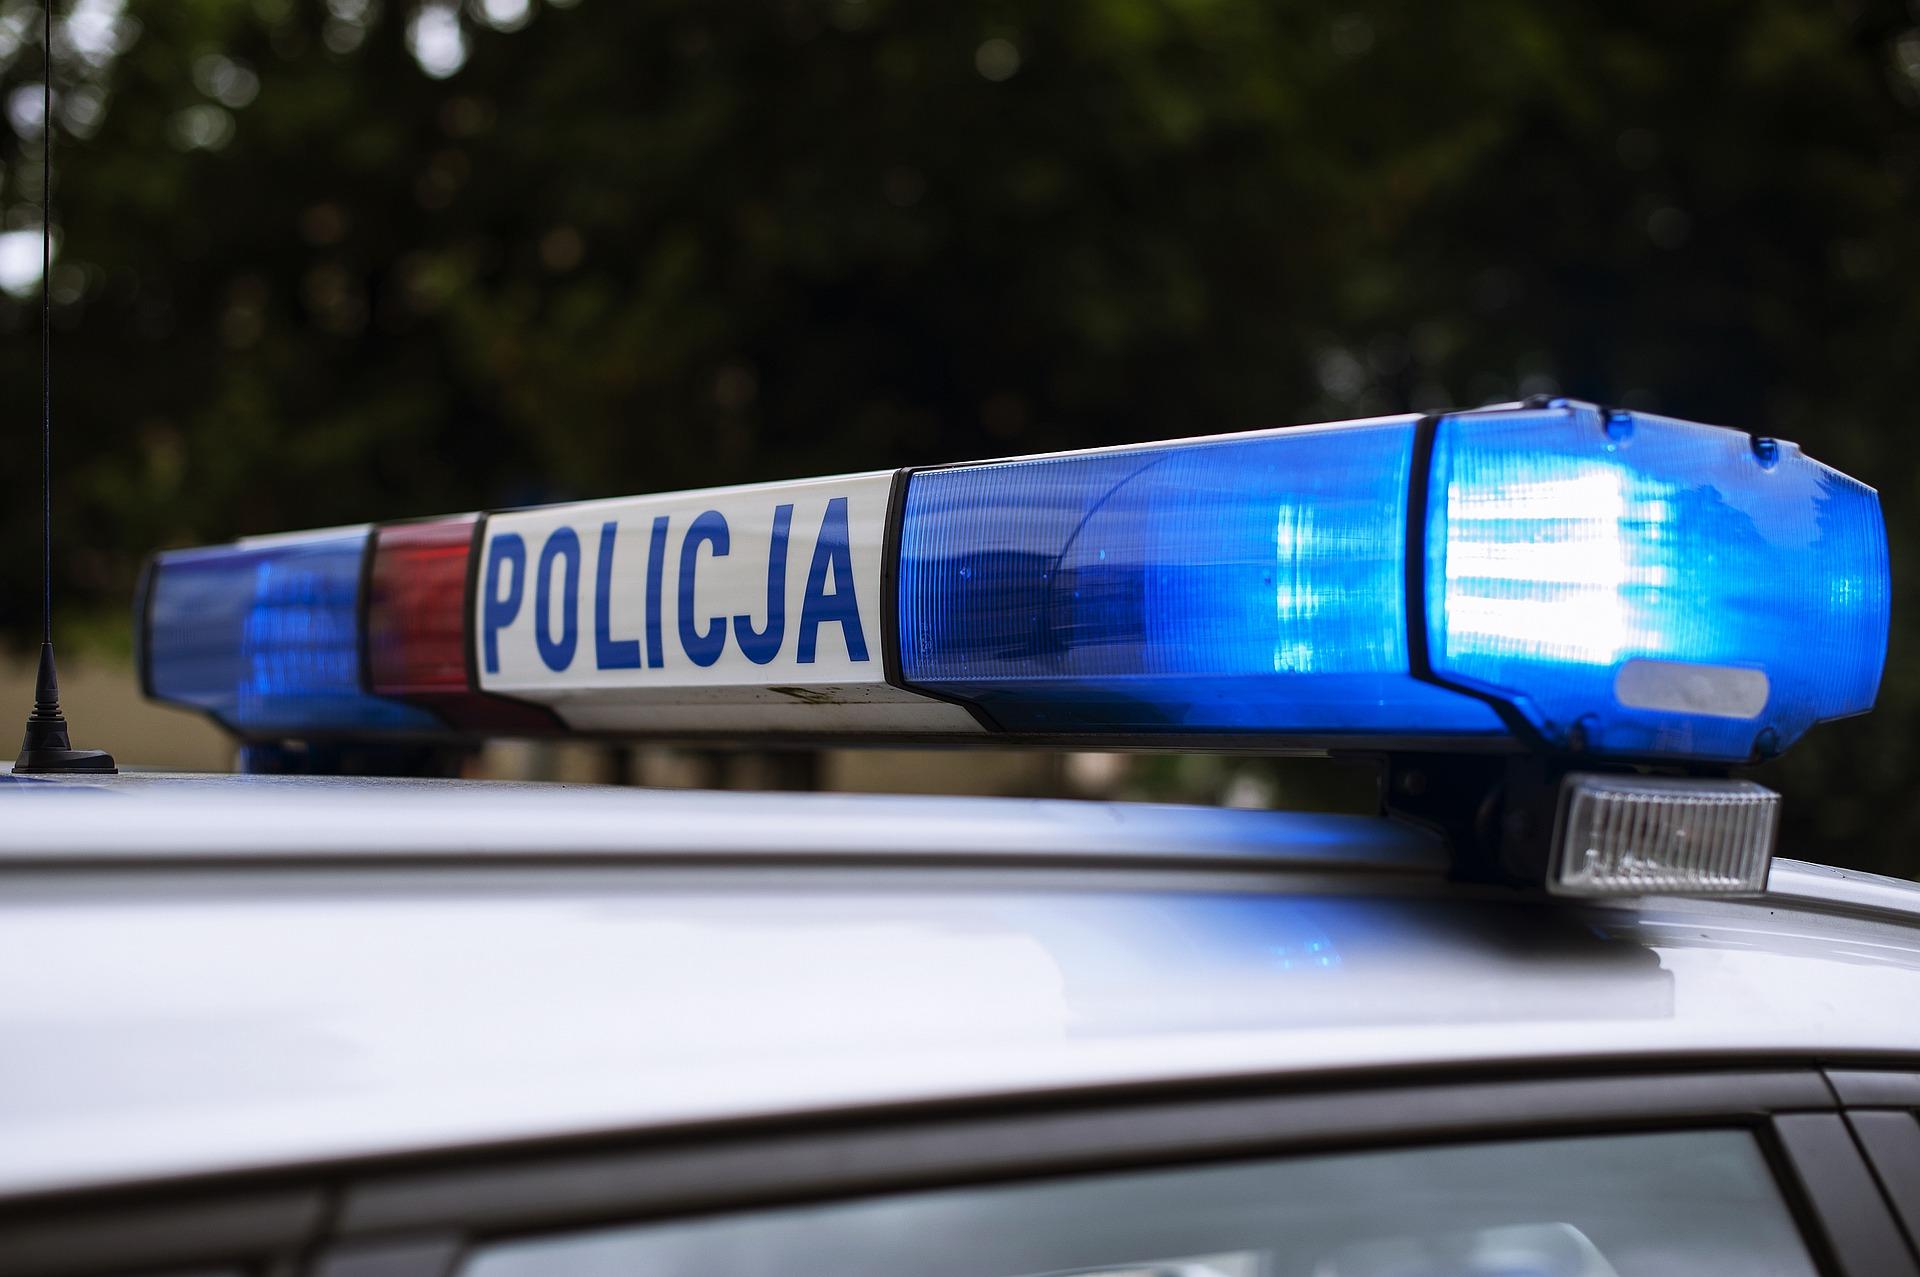 police-4261182_1920.jpg